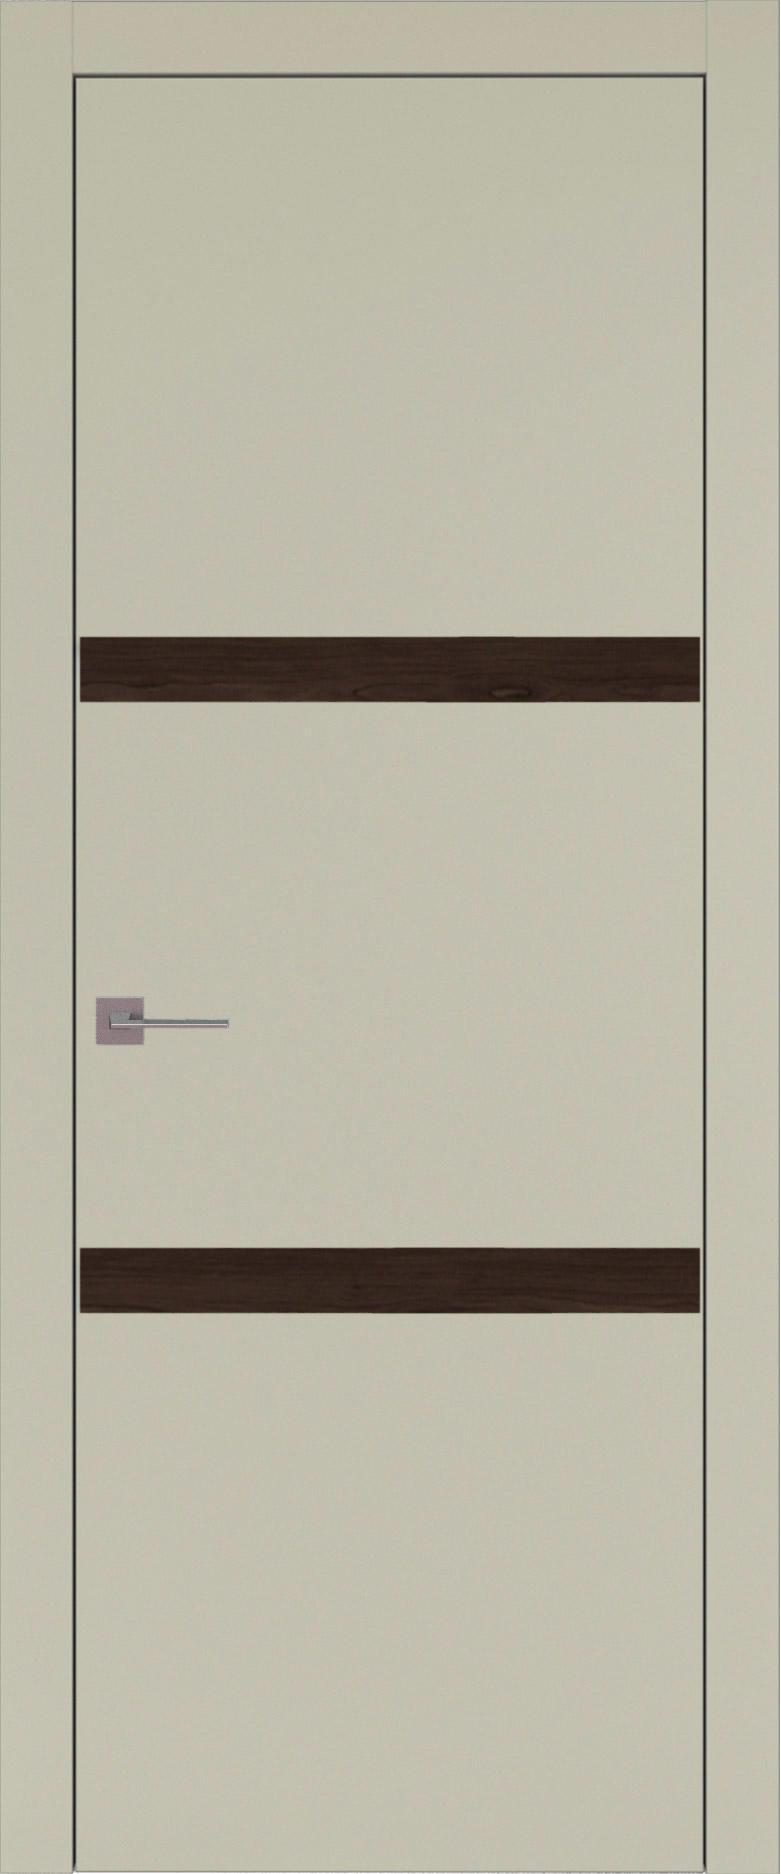 Tivoli В-4 цвет - Серо-оливковая эмаль (RAL 7032) Без стекла (ДГ)